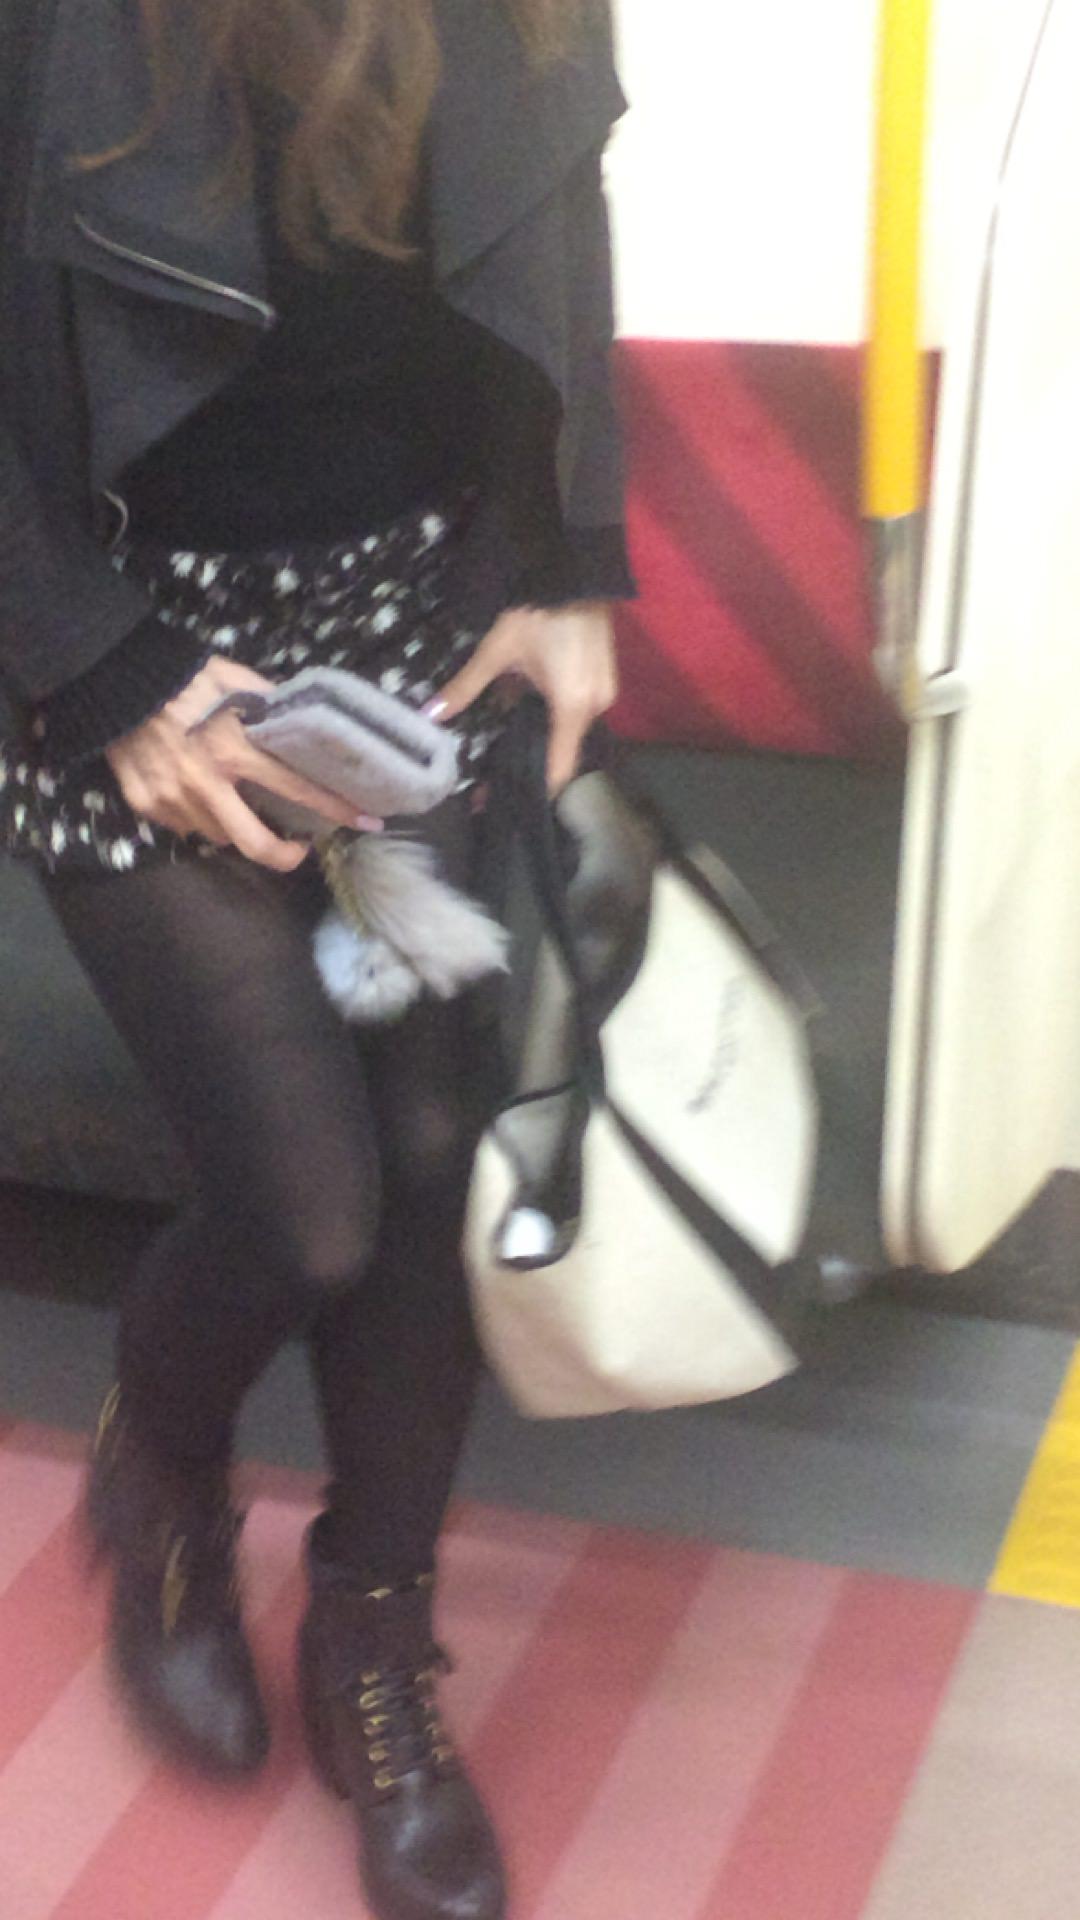 黒いパンスト履いてるエロギャル画像!!!!マジでエッチだぁーwww tBJjeu3